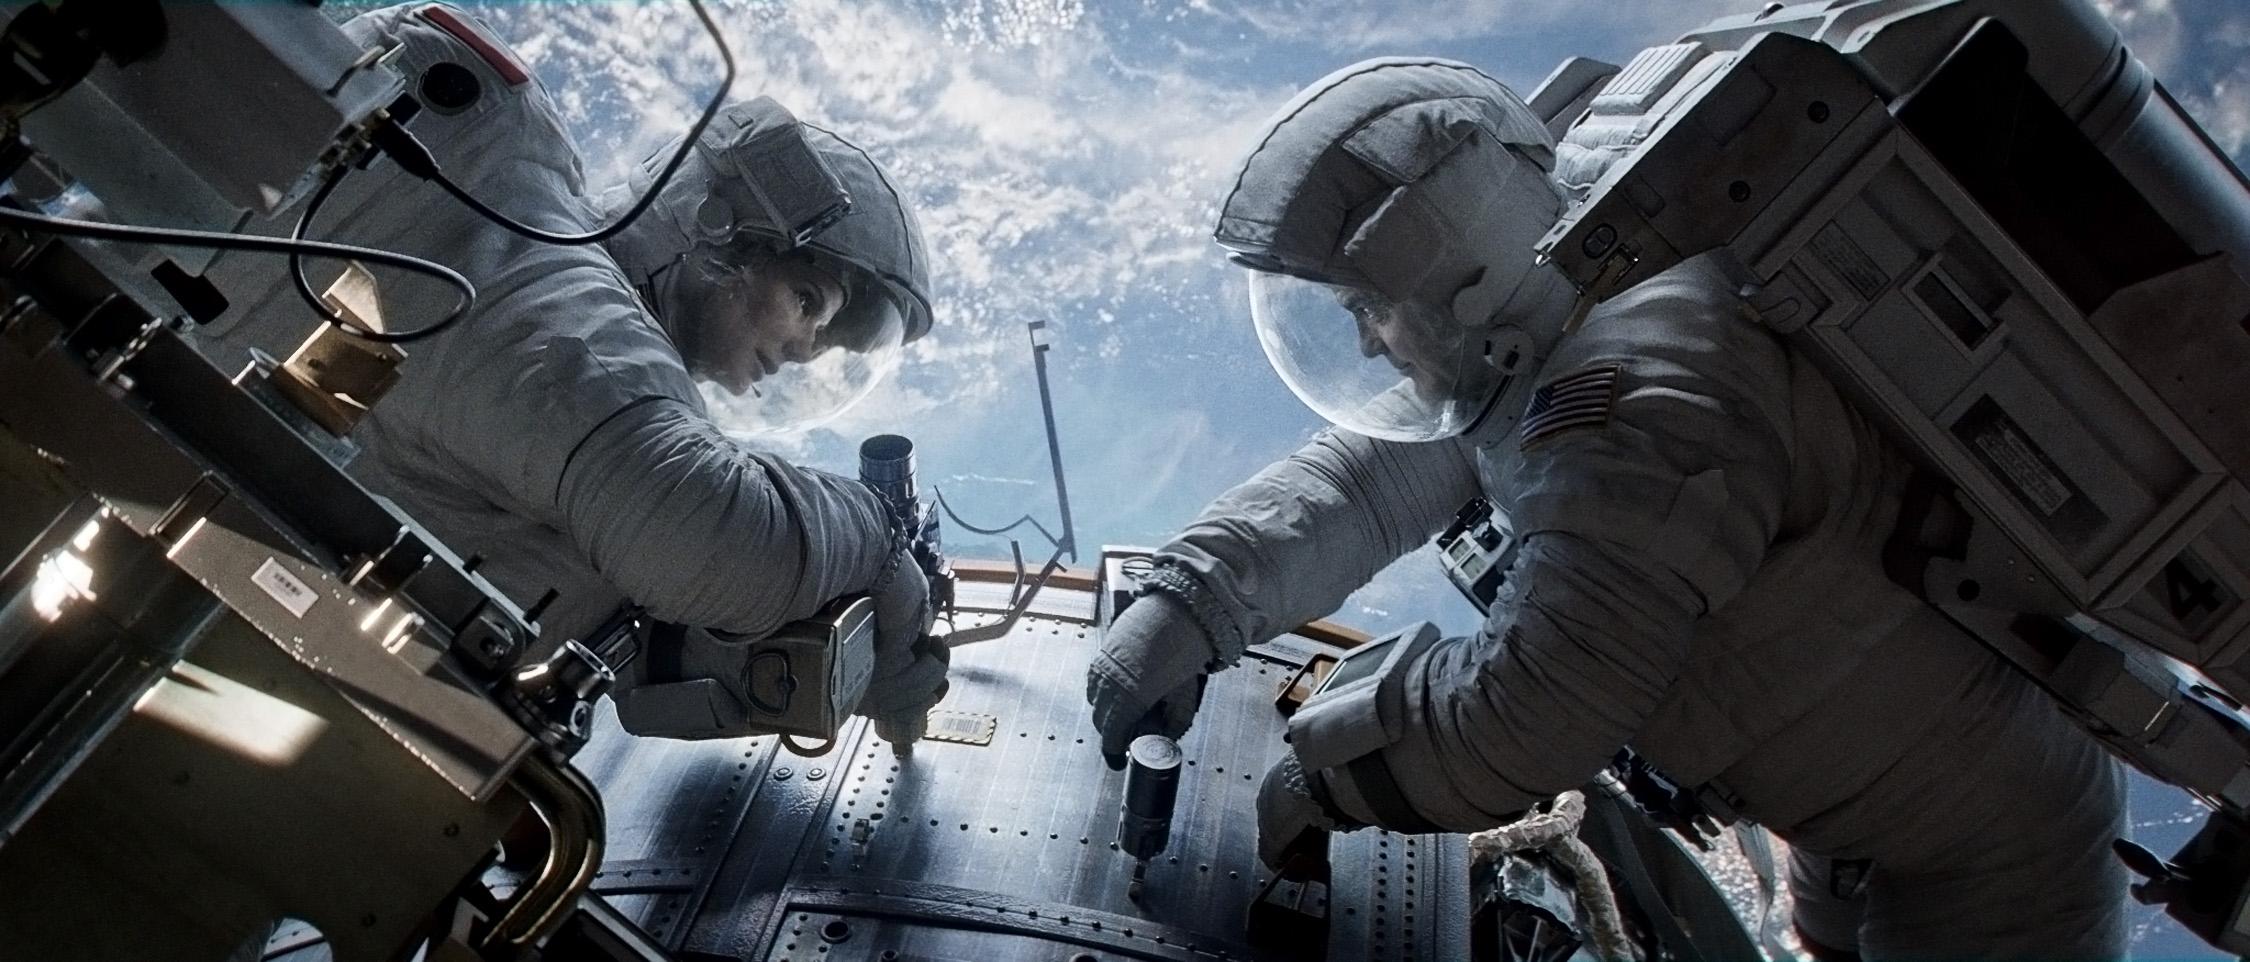 Grawitacja - zdjęcie z filmu science fiction